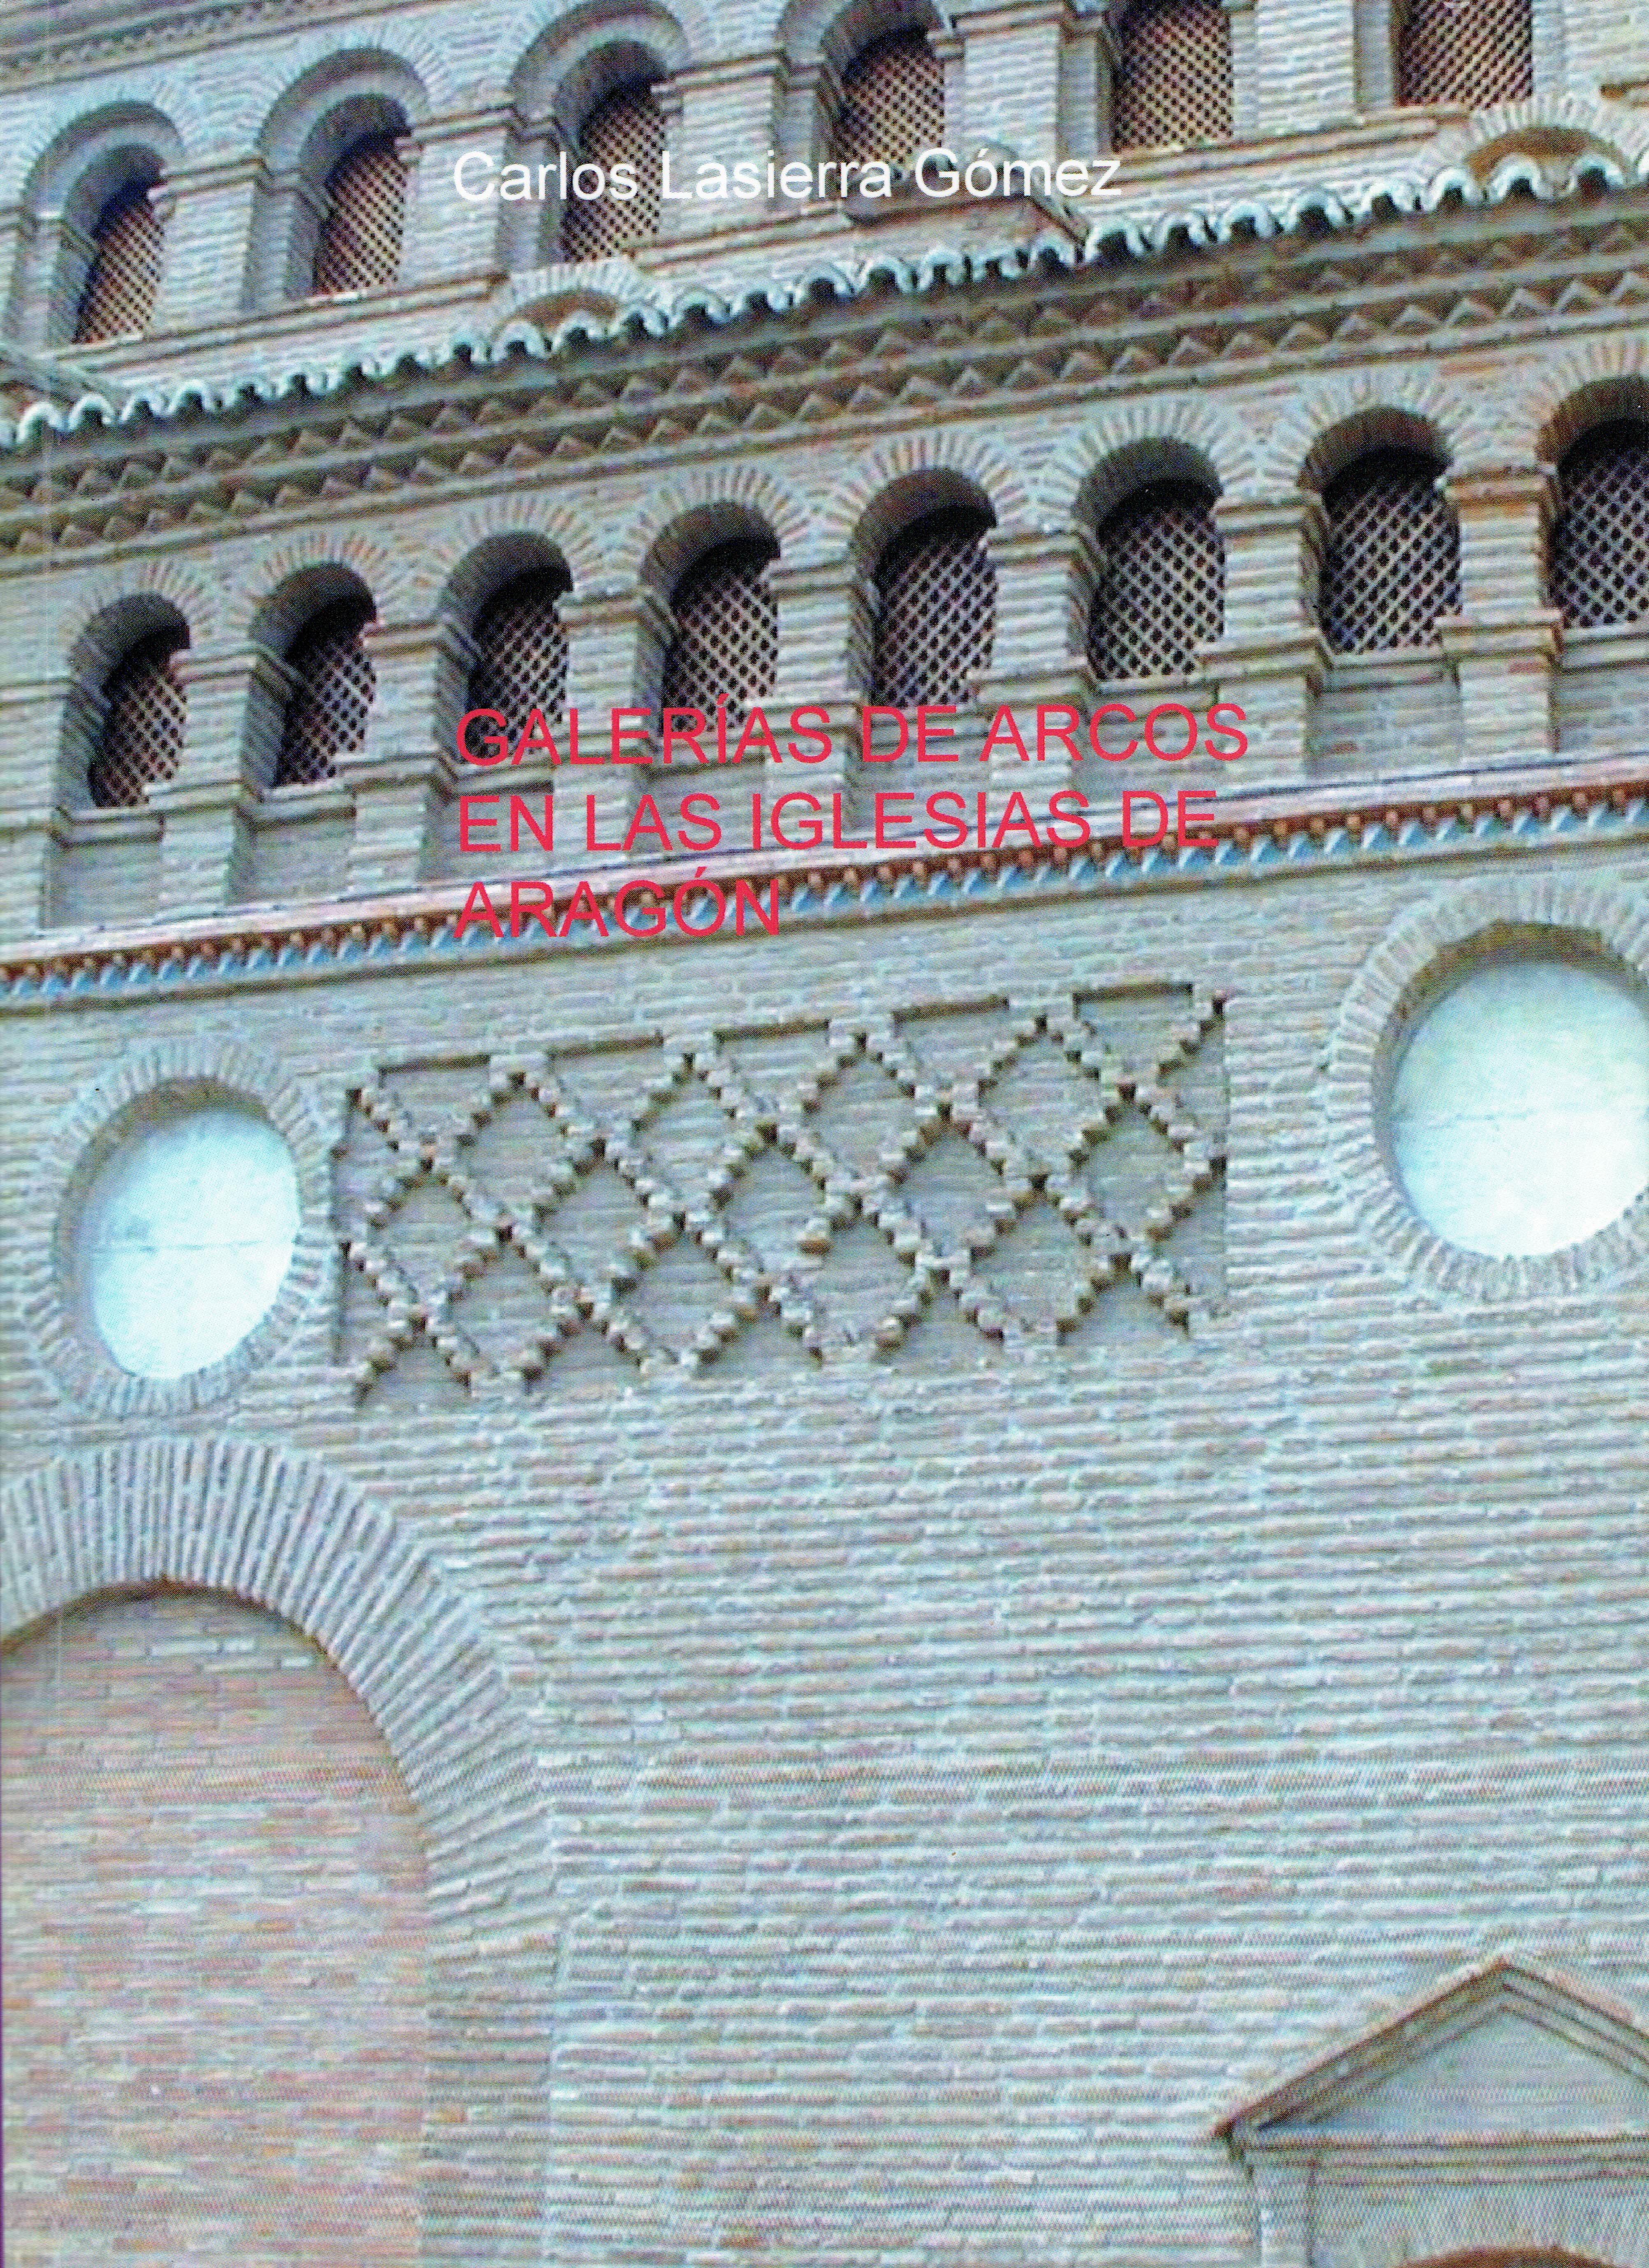 Galerías de arcos en las iglesias de